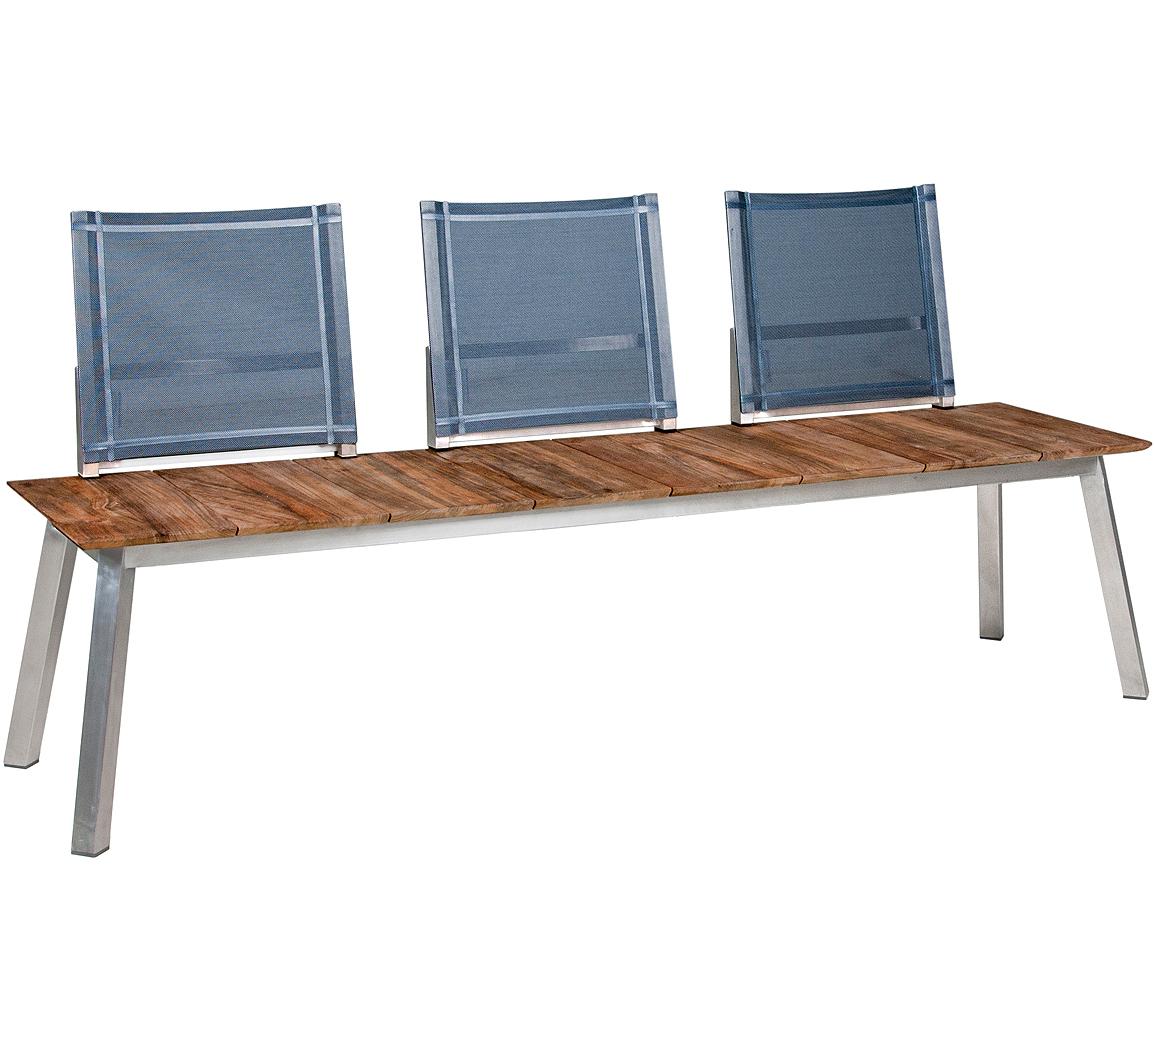 zebra r ckenlehne 7287 f r bank linax edelstahl batyline argenta zubeh r nur lehne zum. Black Bedroom Furniture Sets. Home Design Ideas